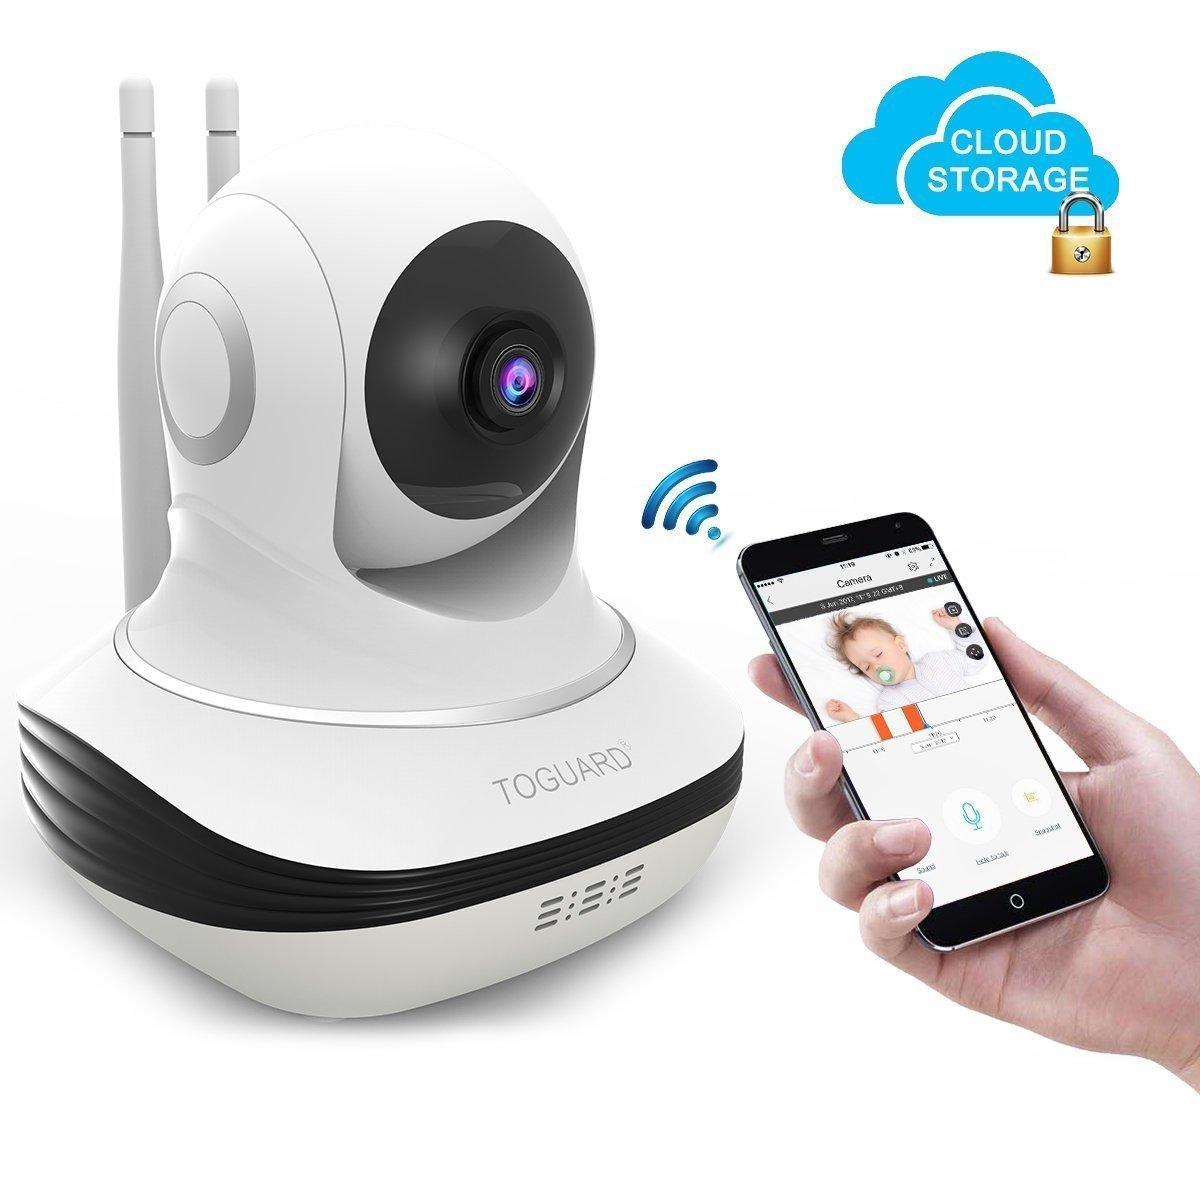 Code promo Amazon : TOGUARD Caméra IP Caméra de Sécurité WiFi Avec Amazon Stockage Cloud  à 30,79€ au lieu de 99,99€